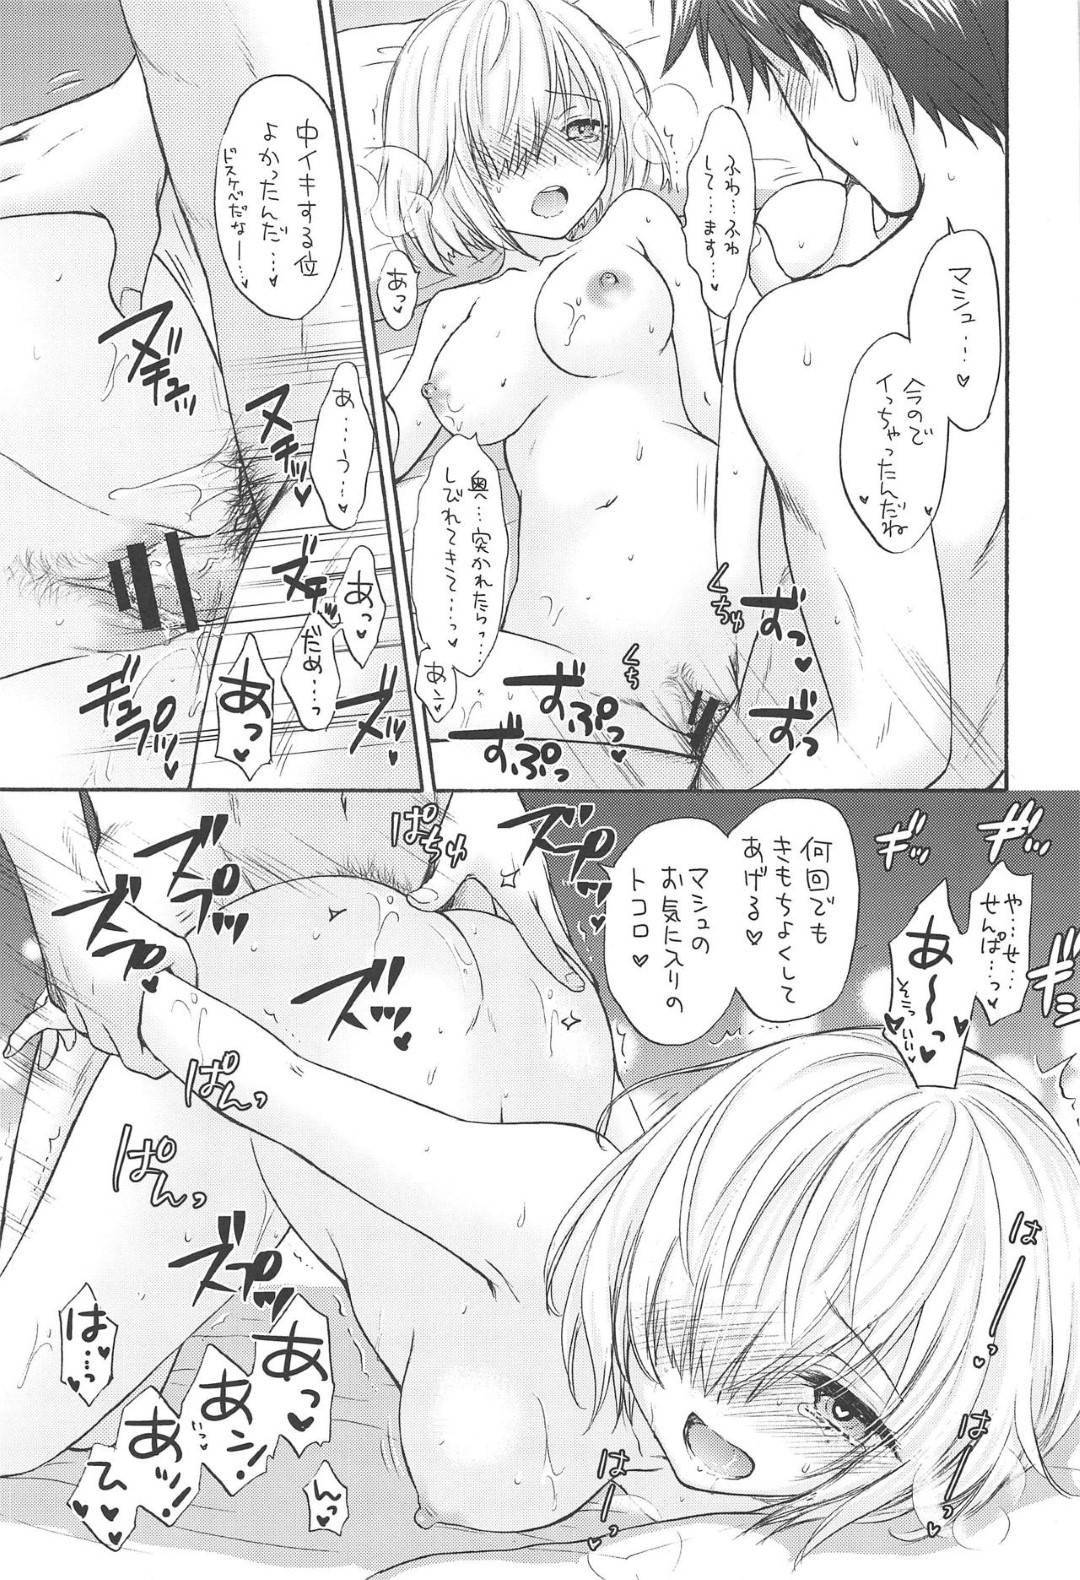 【Fateエロ漫画】先輩を誘ってリゾート旅行に来たマシュ。貝殻のビキニで現れたマシュは、先輩が抱きしめてきて乳首をクリクリ弄り、手マンで痙攣アクメ!もっとしたくなりチンポを生挿入いちゃラブ中出しセックス。【尾崎未来】